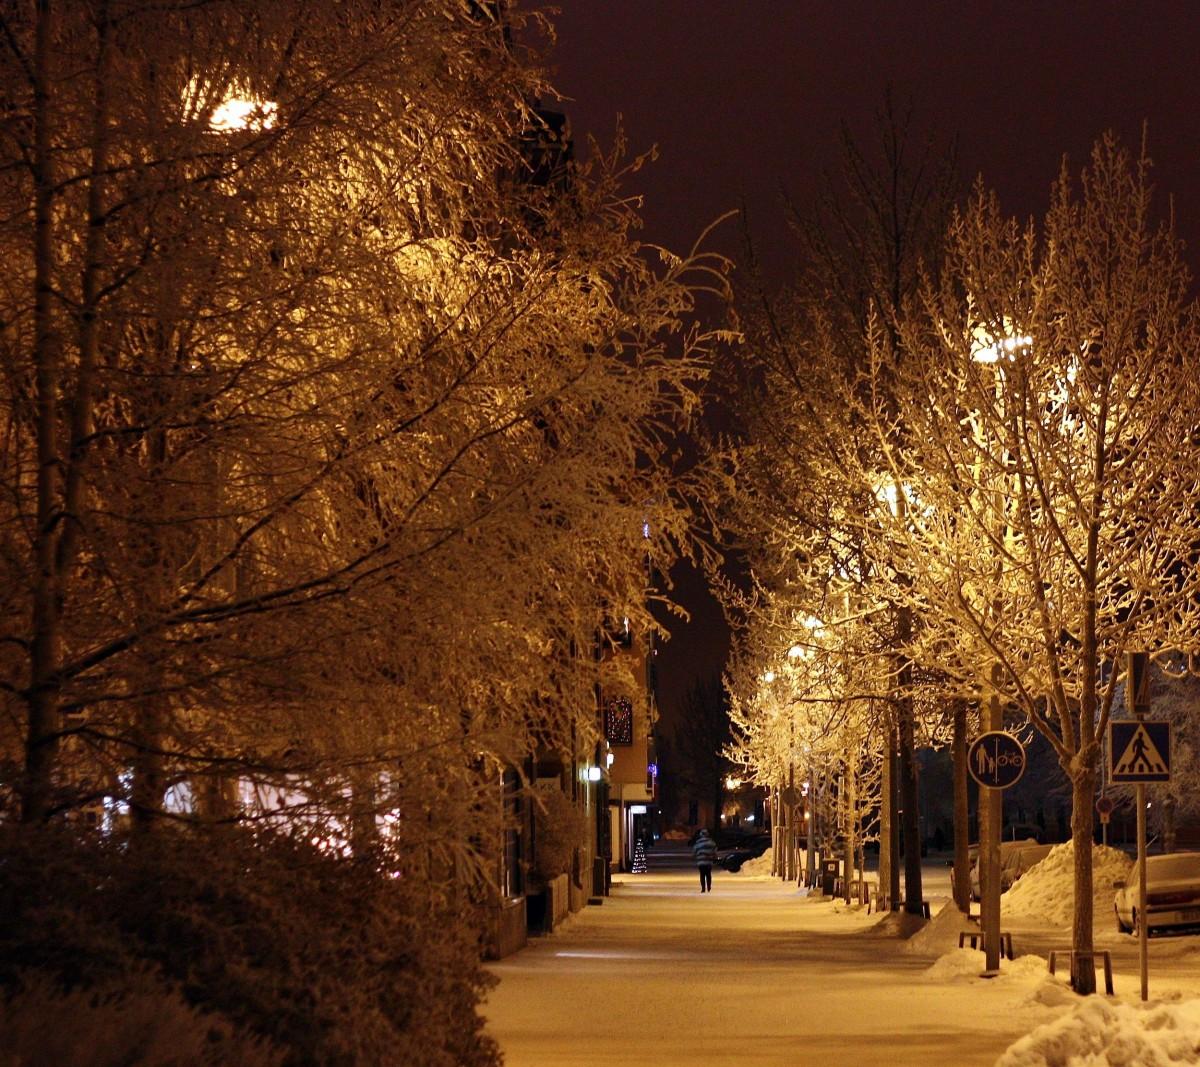 магазинах для снег ночь улица картинки любители